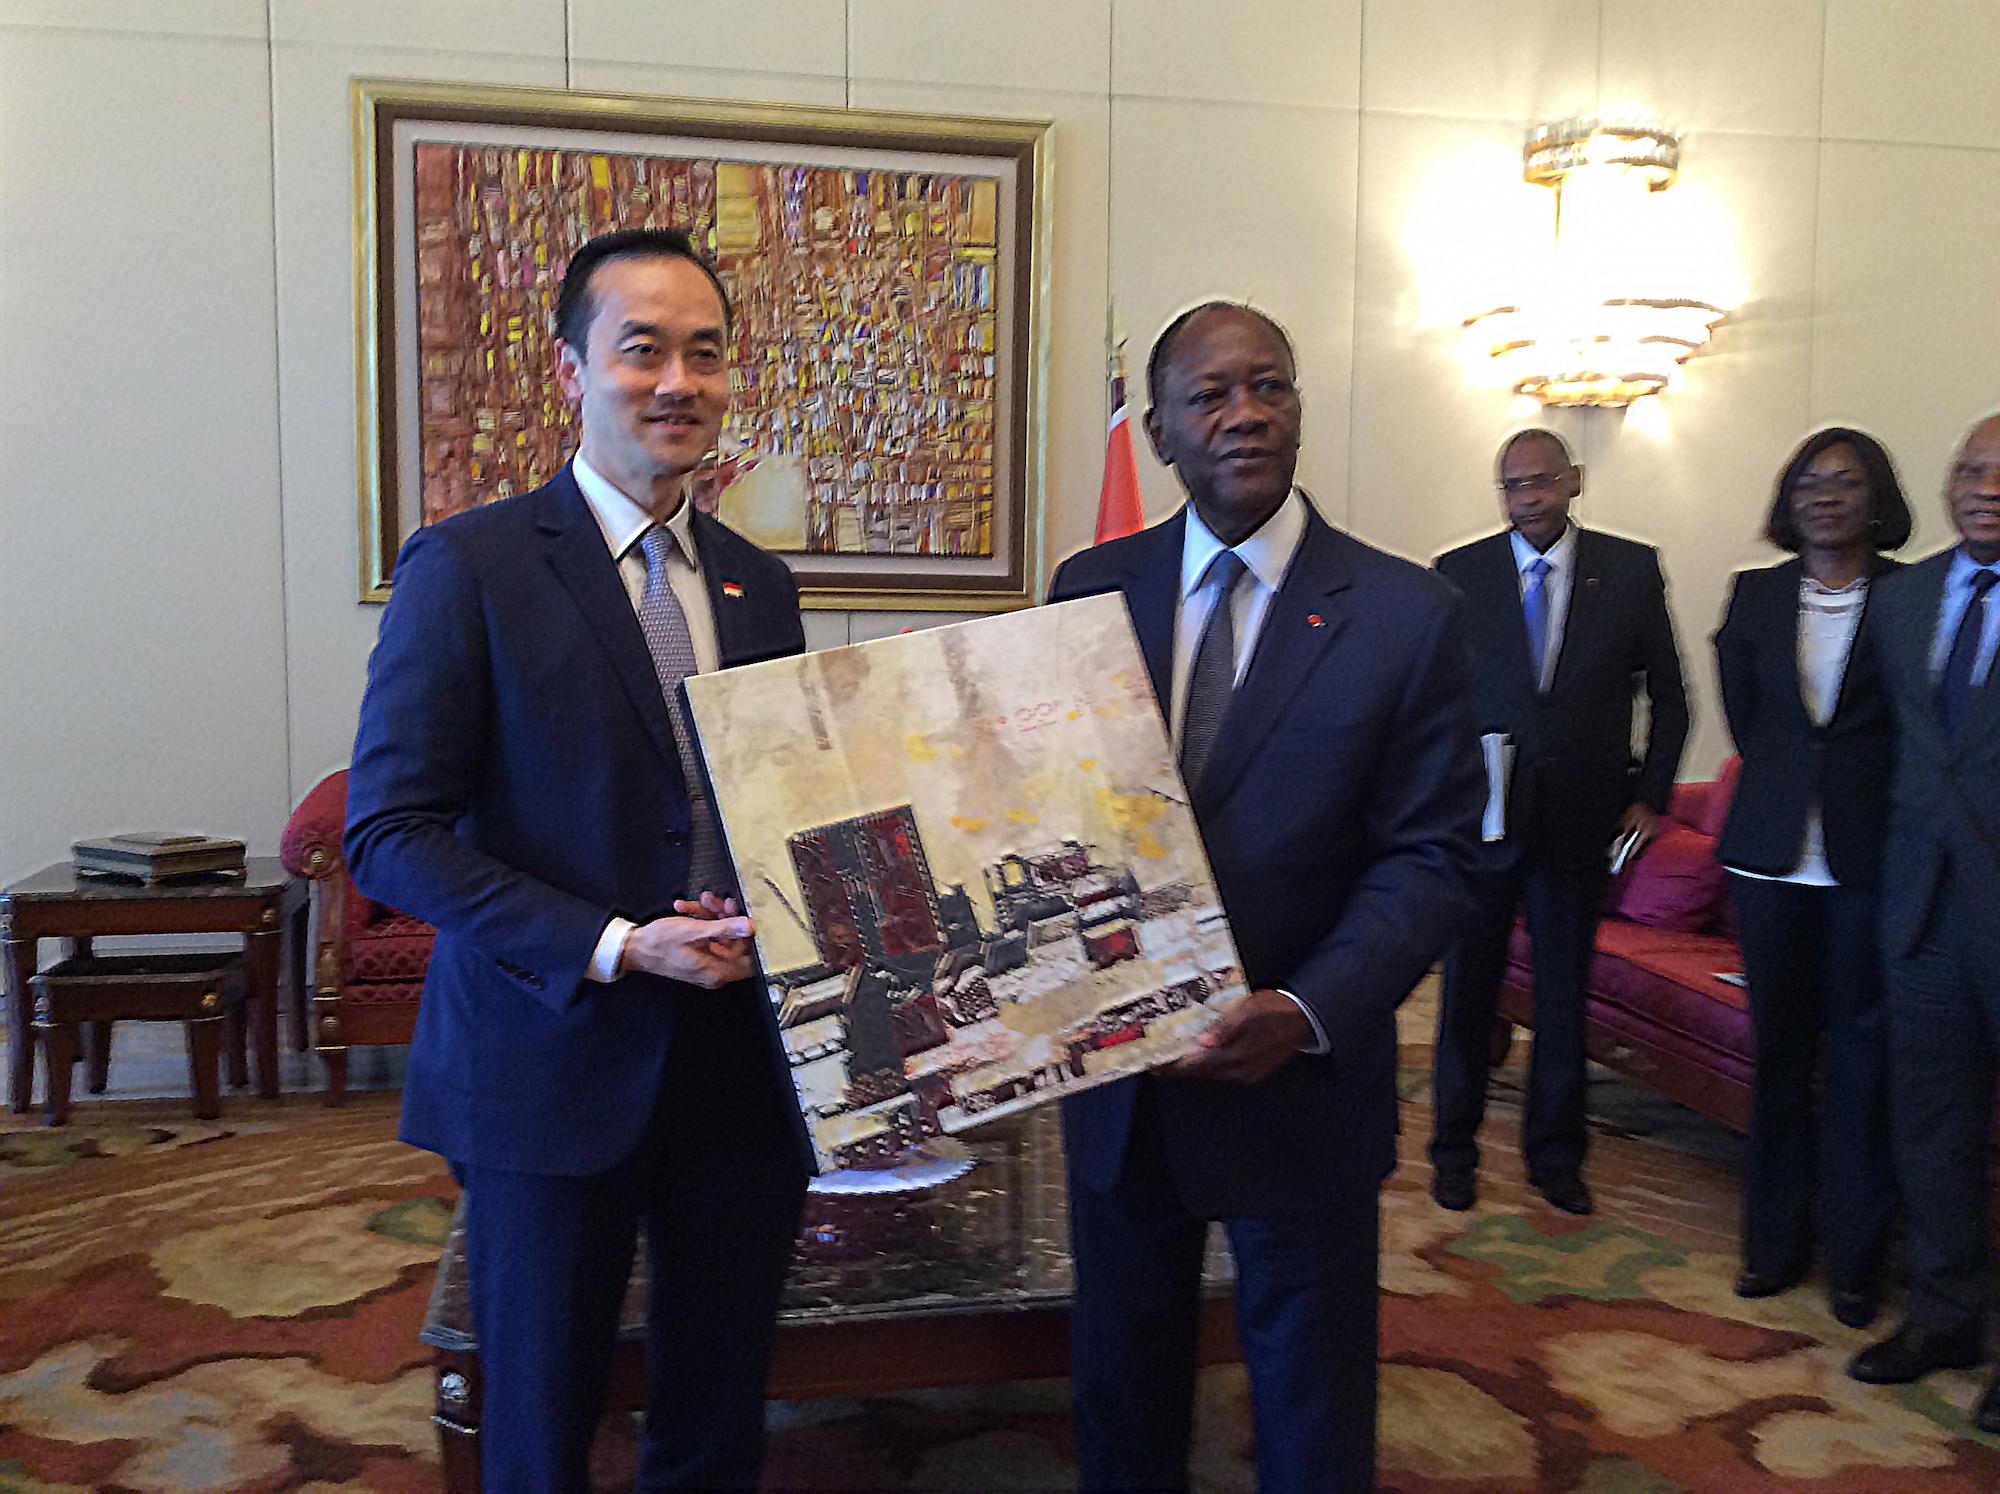 cote d'ivoire president.jpg